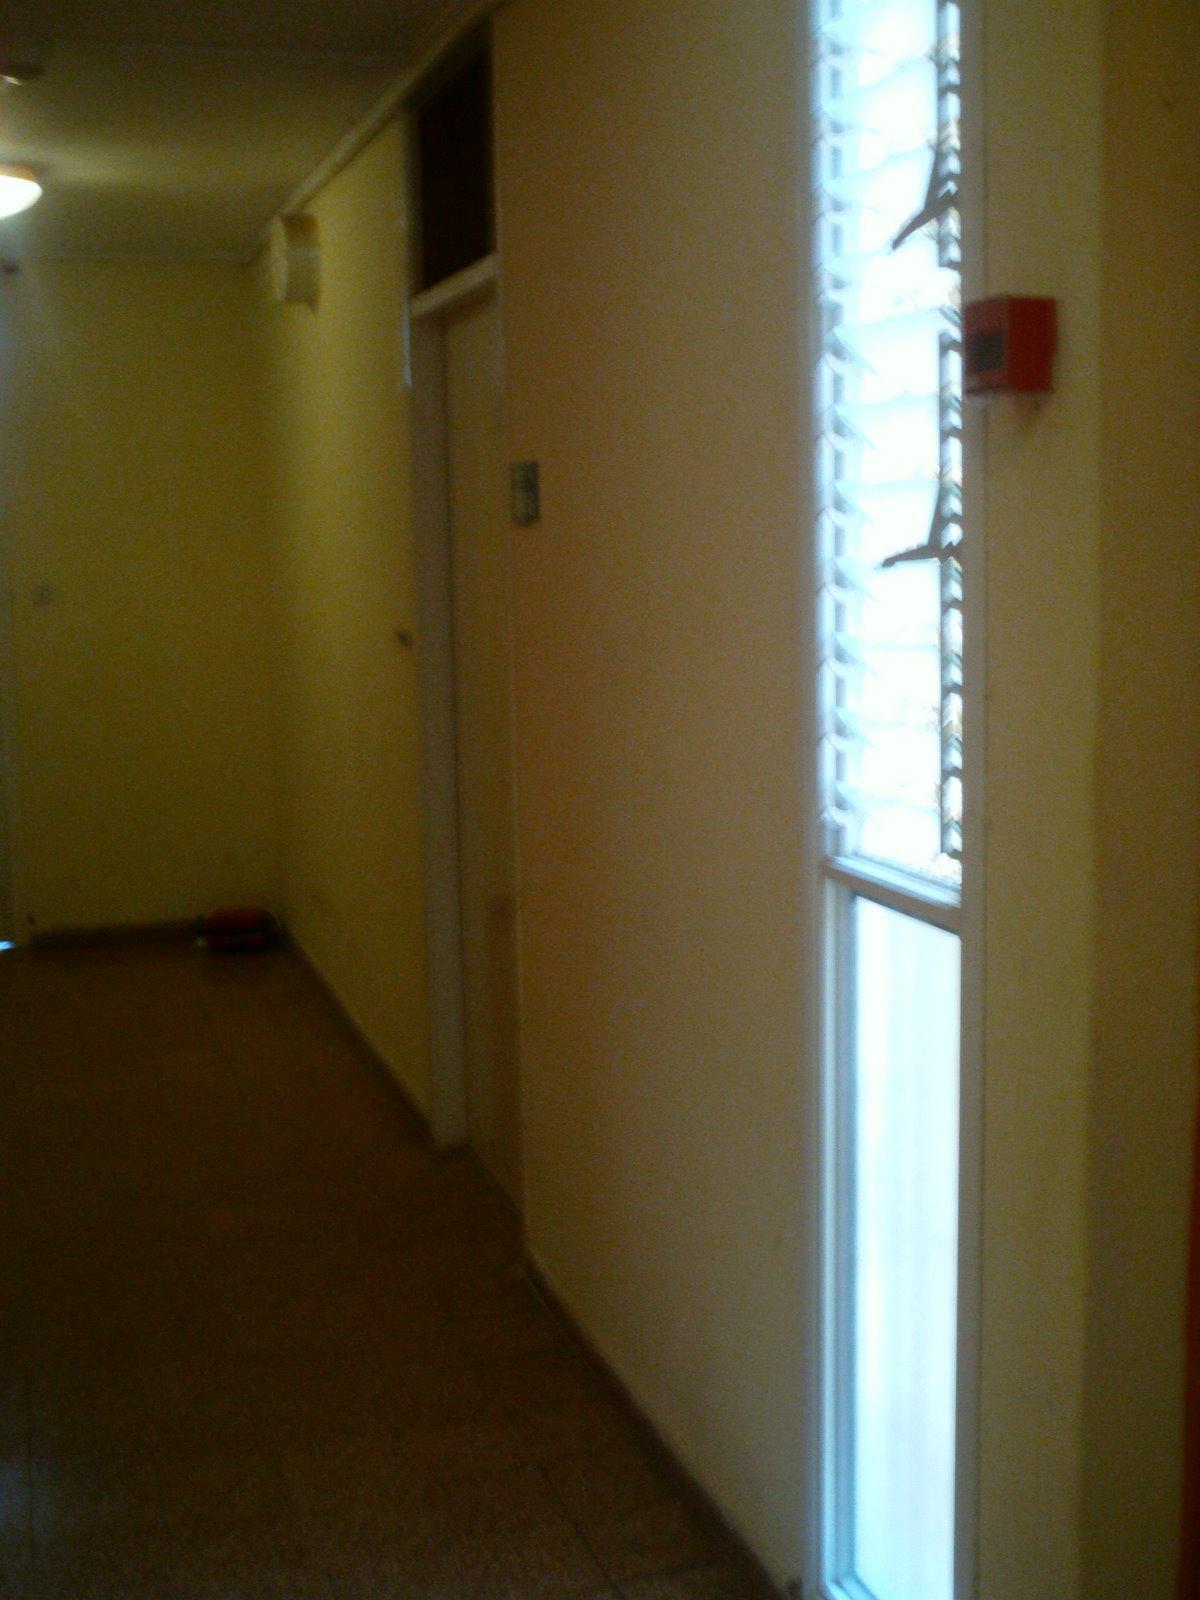 [2+-+Door+from+hall.JPG]